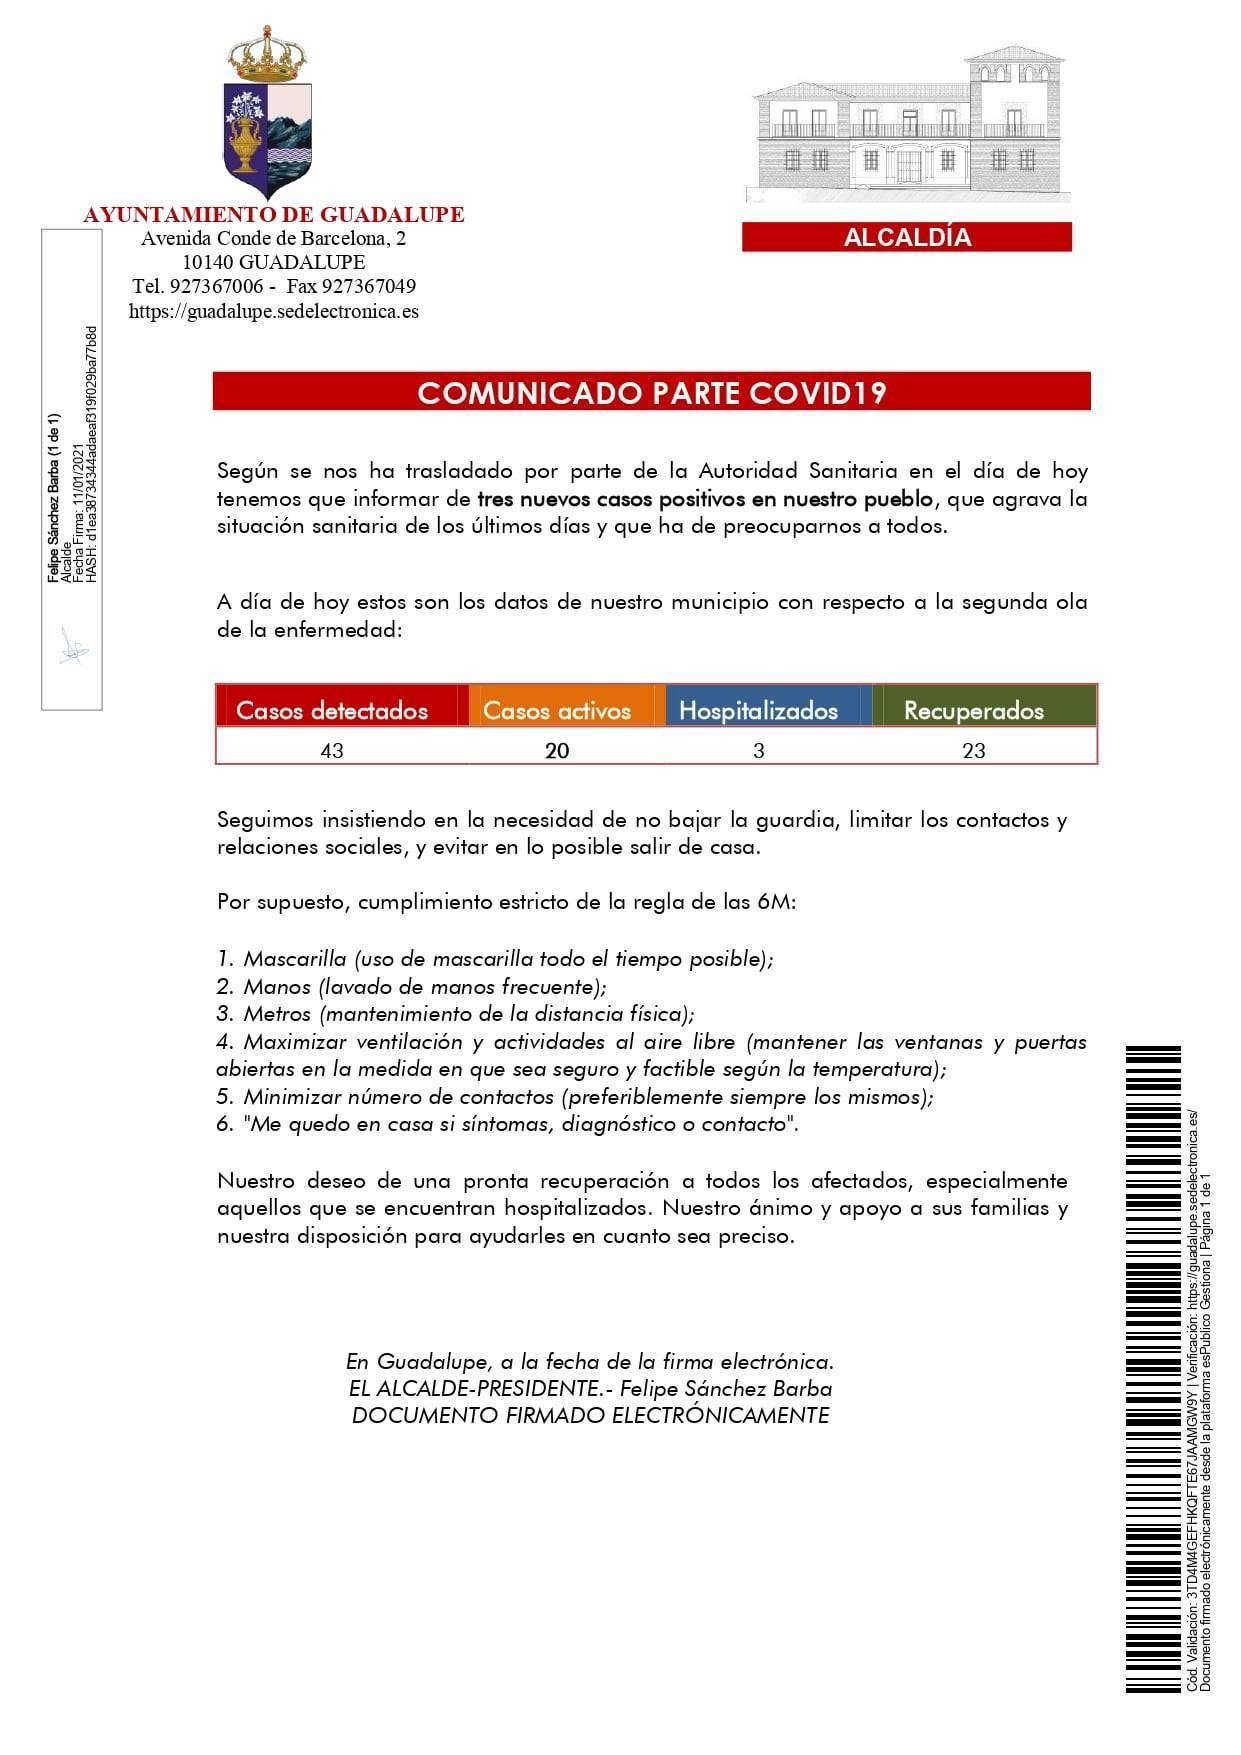 20 casos positivos activos de COVID-19 (enero 2021) - Guadalupe (Cáceres)